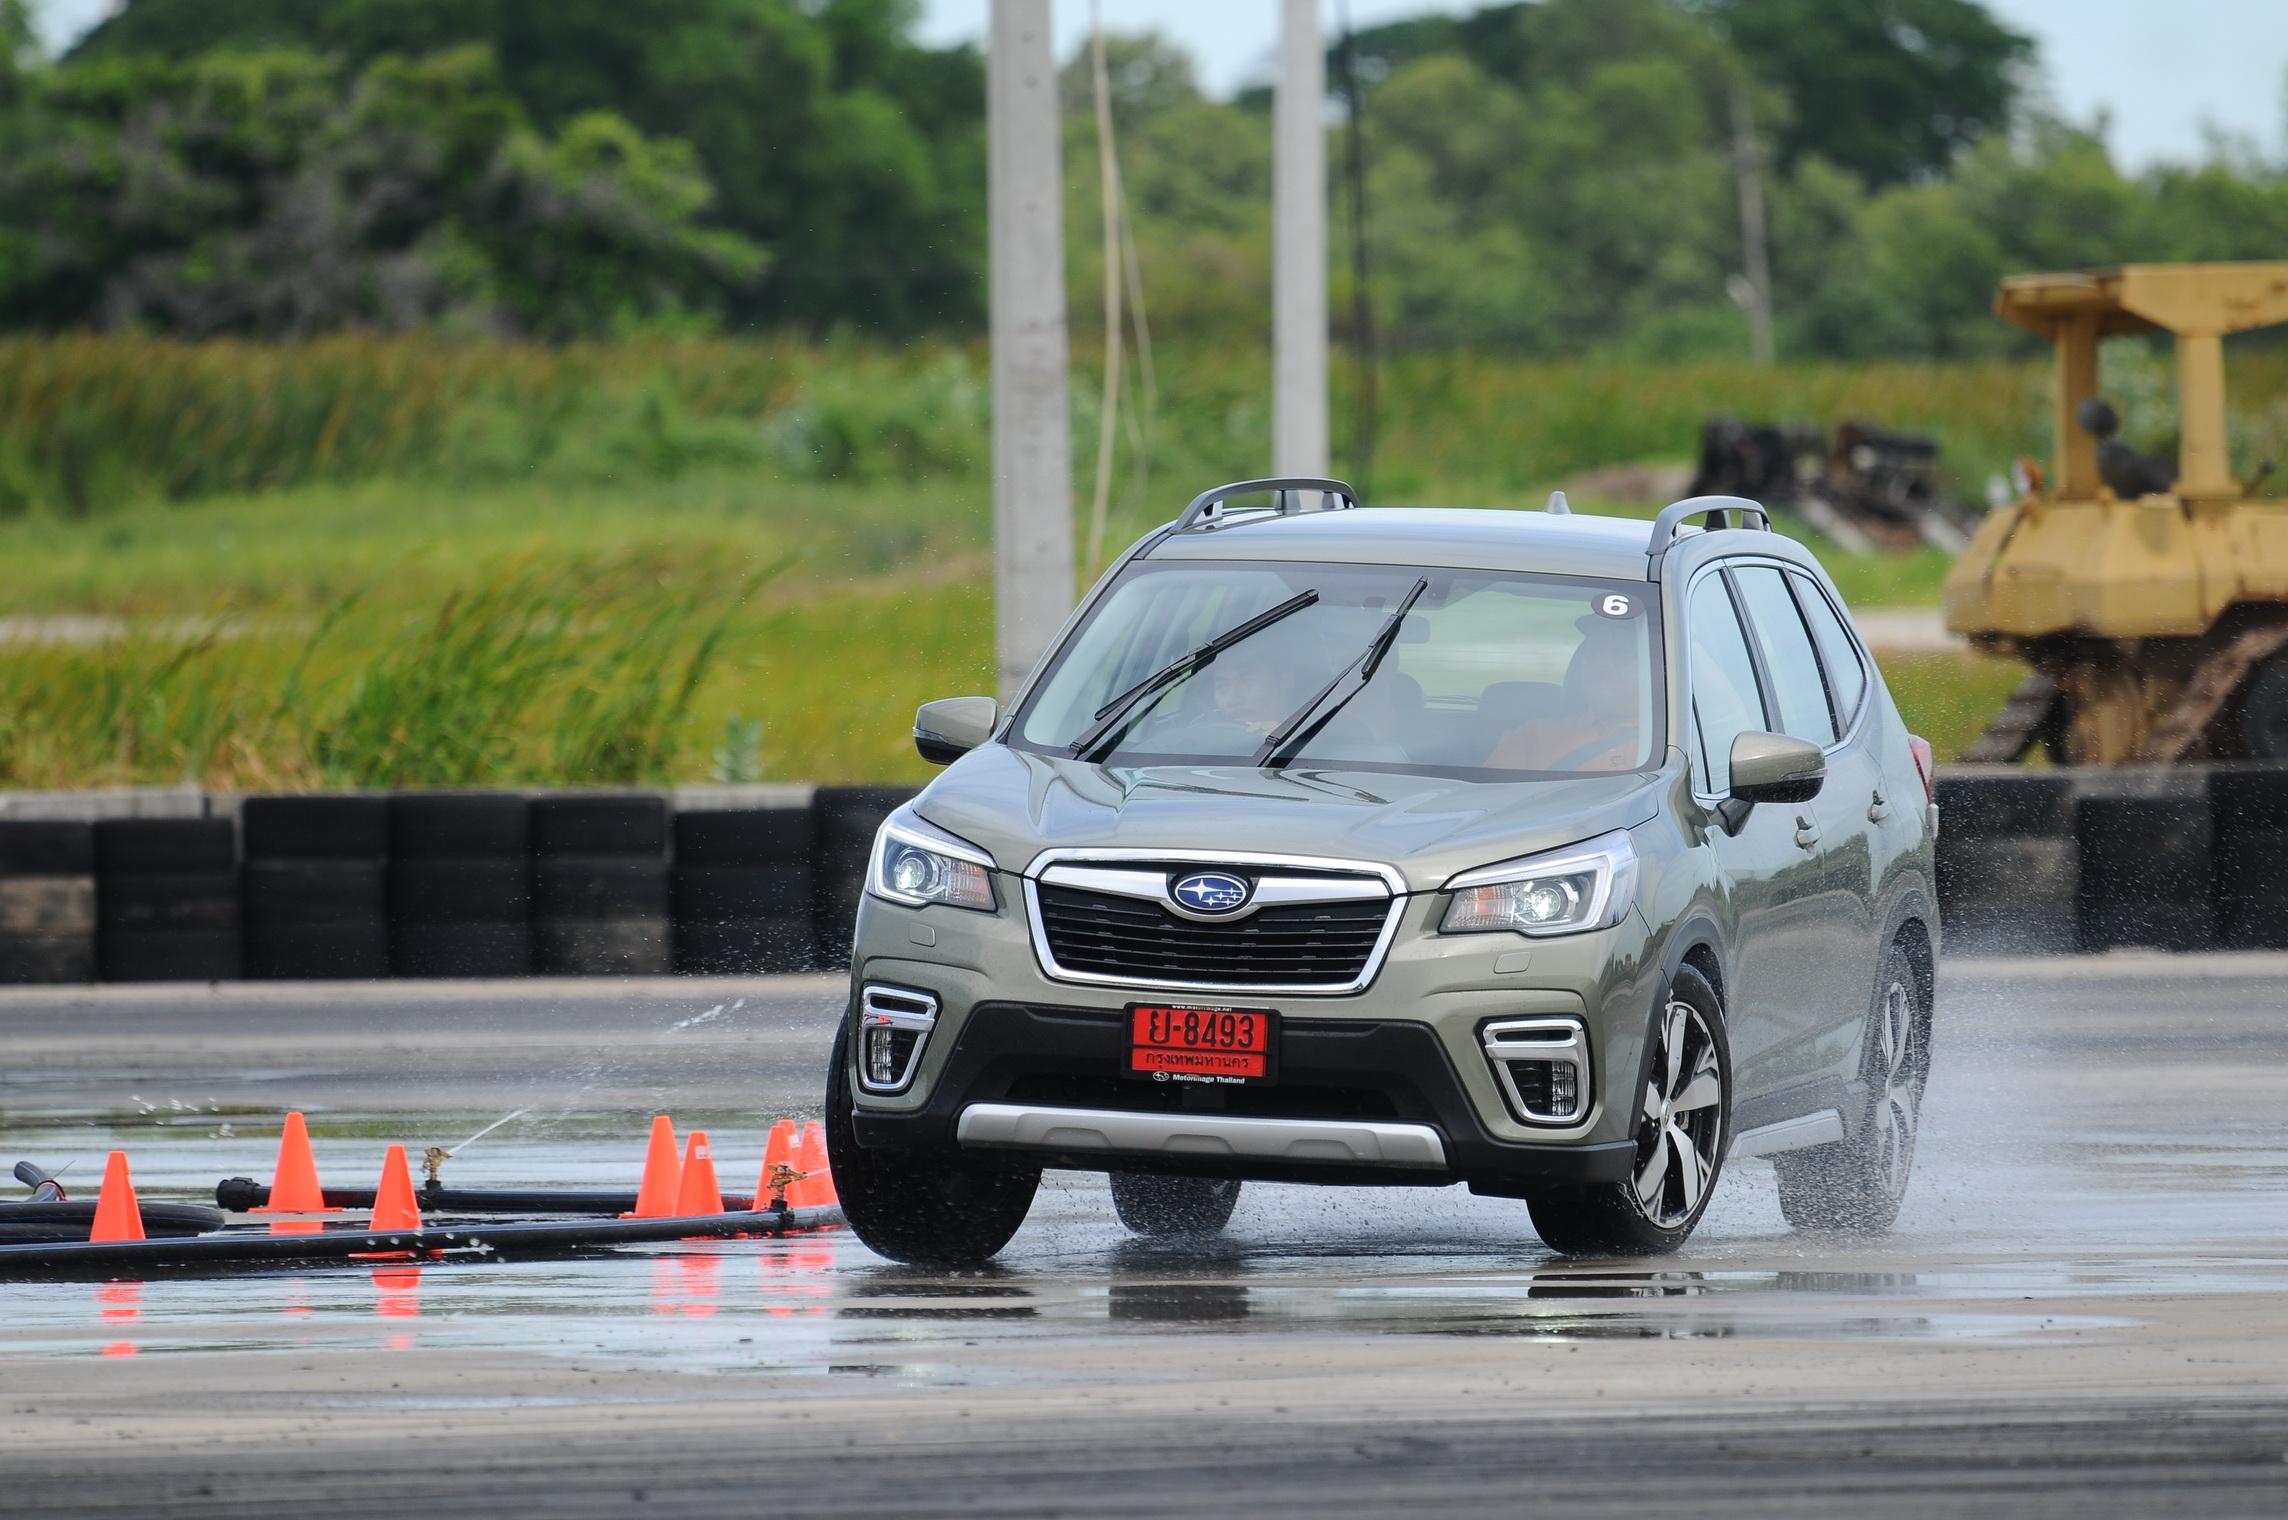 26-27 ก.ย.นี้ ร่วมพิสูจน์ยนตรกรรมความปลอดภัยระดับโลกจาก Subaru ในกิจกรรม 'Subaru Ultimate Test Drive 2020'